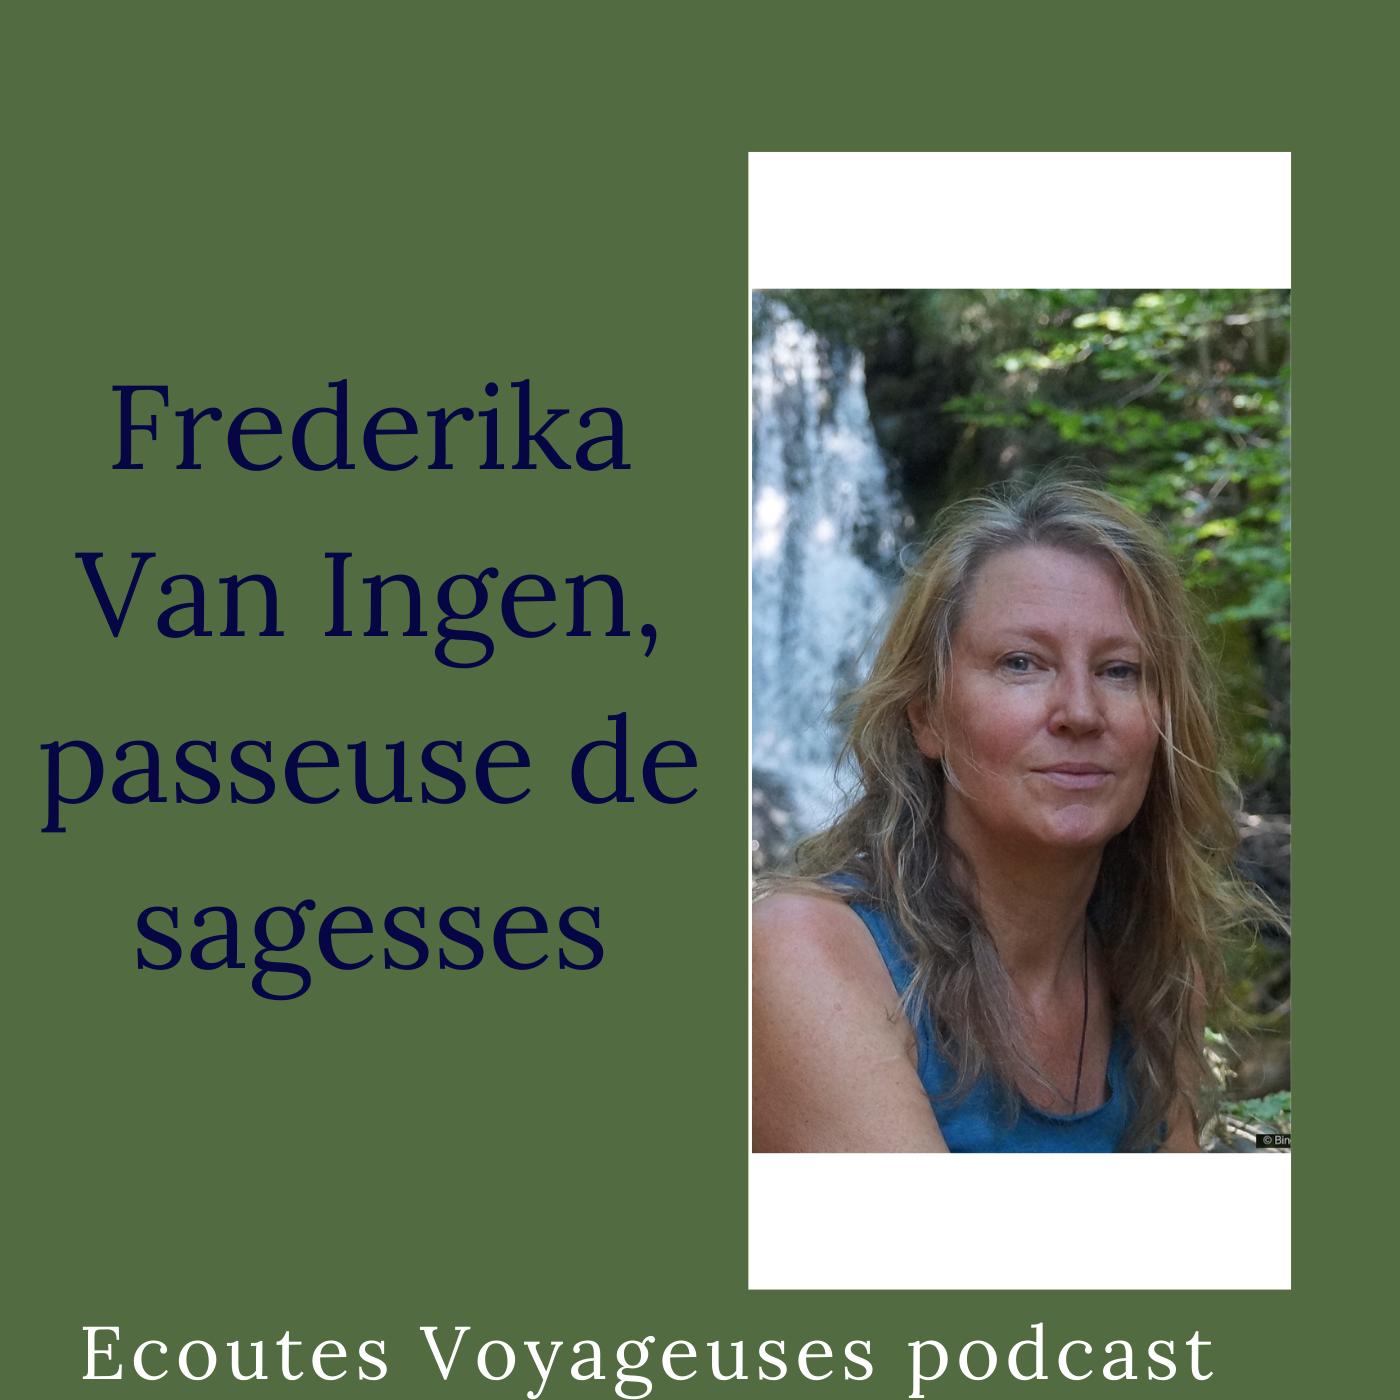 Frederika Van ingen, passeuse de sagesses